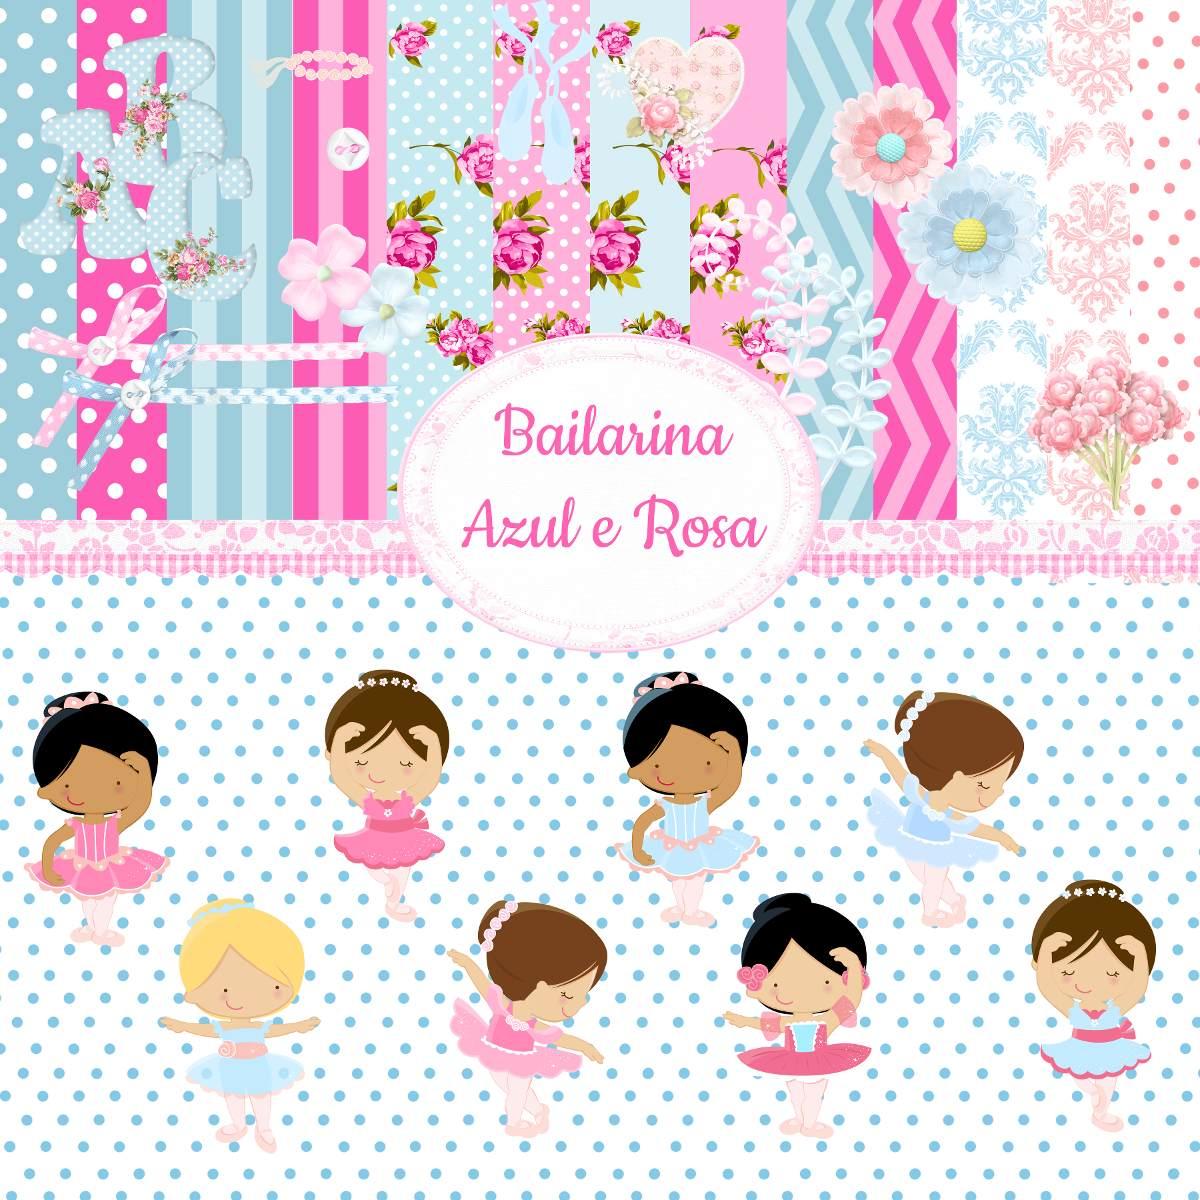 eca66b03db1 Kit Para Scrapbook Digital Bailarina Azul E Rosa - R  10